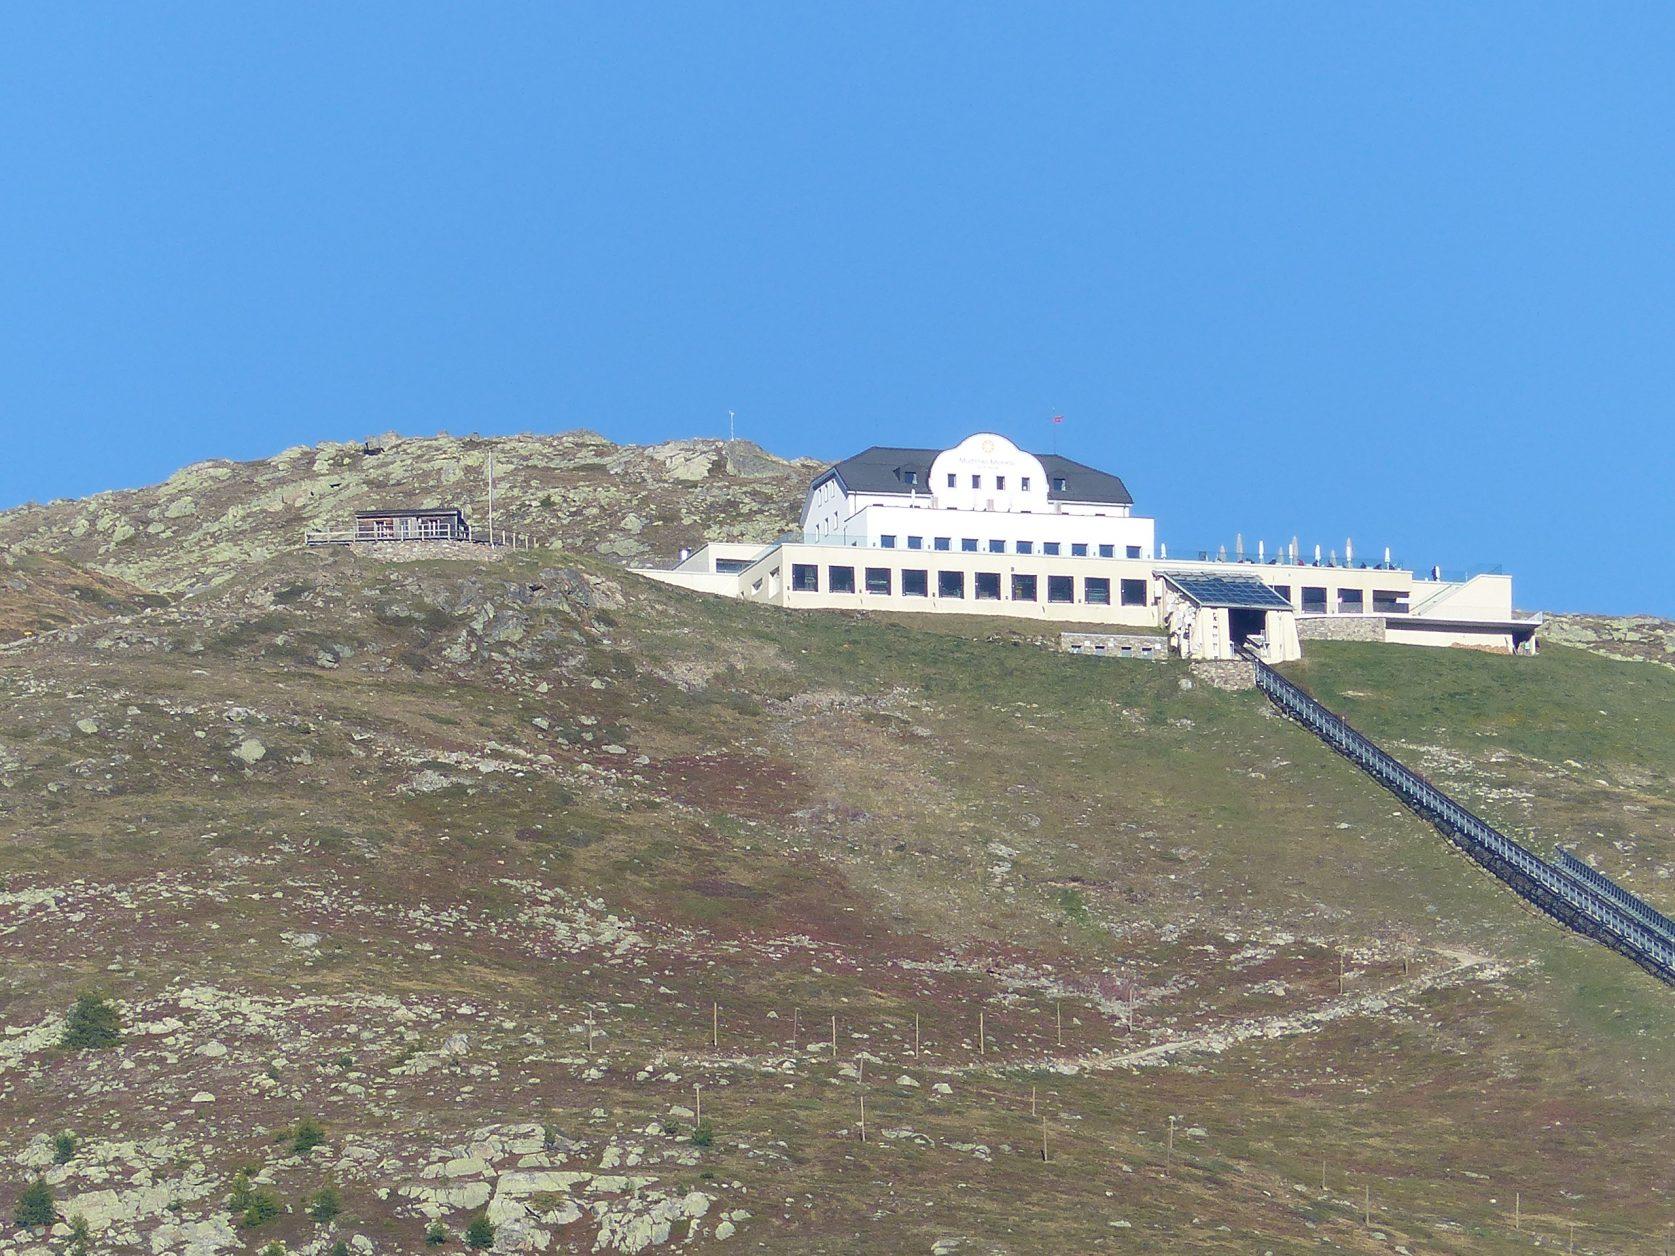 Mit der Bergbahn gut zu erreichen und Ausgangspunkt für Wanderungen: Muottas Muragl, Foto; Weirauch